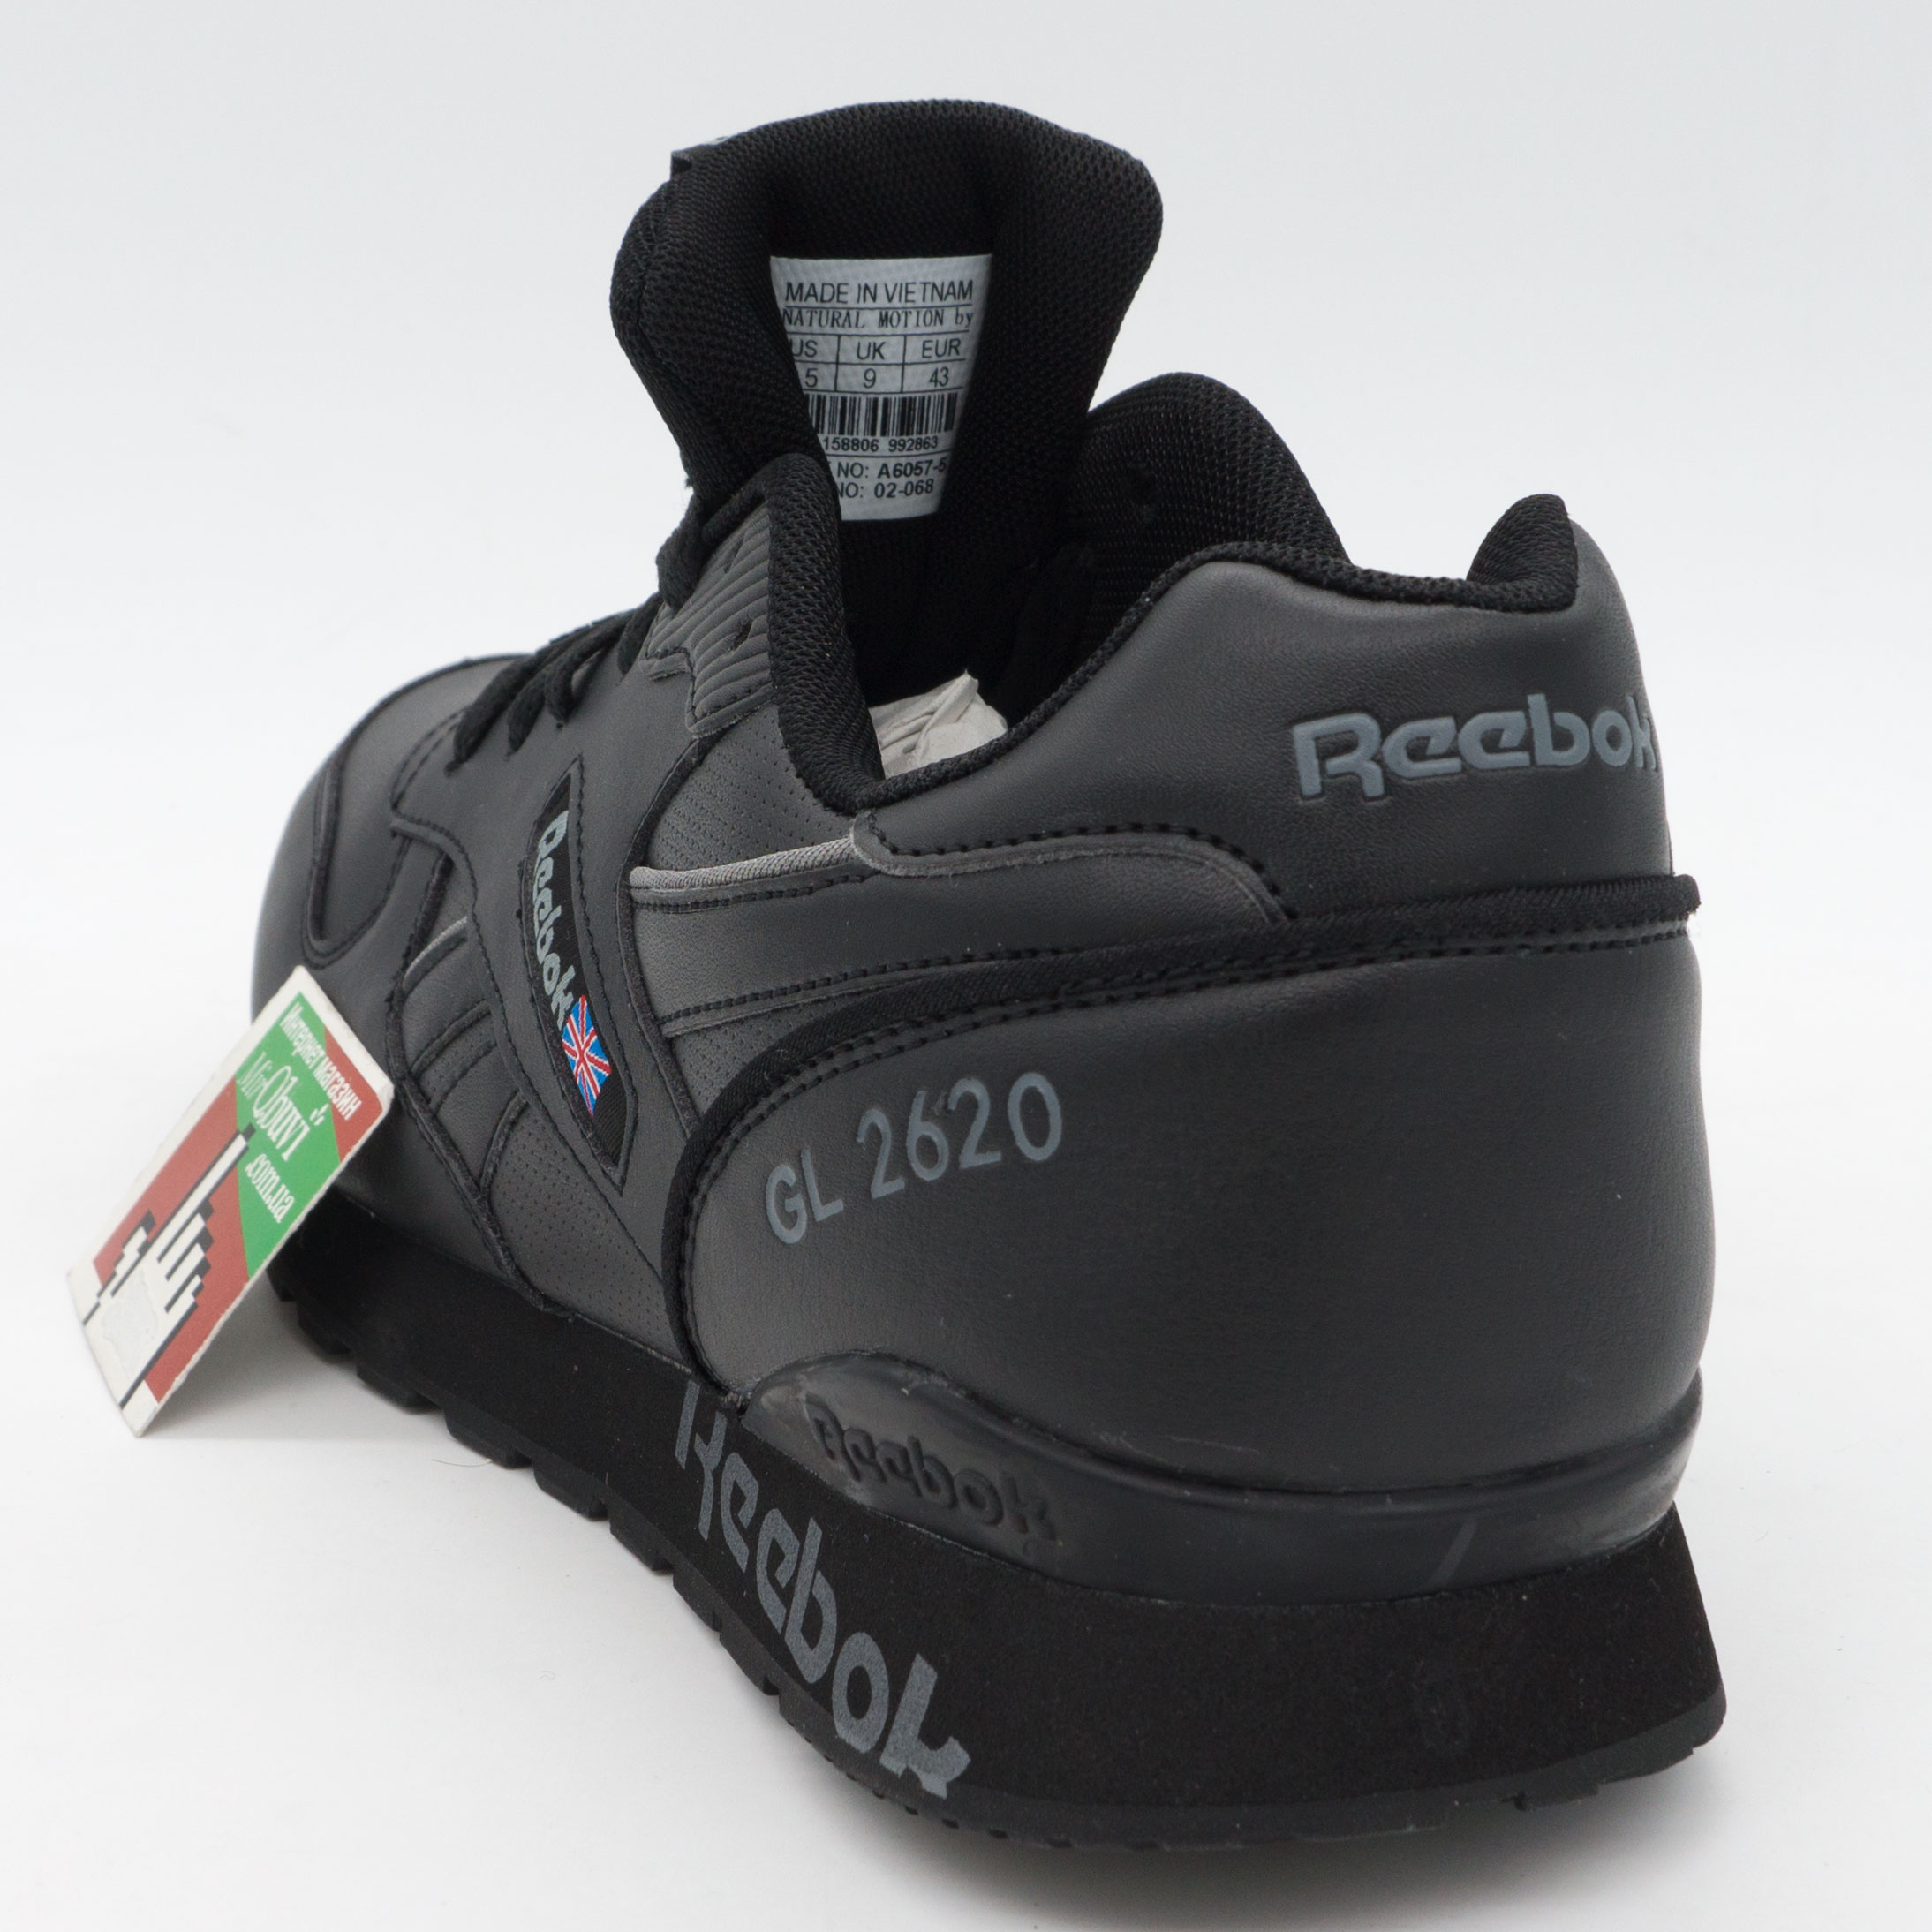 фото bottom Мужские кожаные кроссовки Reebok classic GL 2620 (Рибок класик черные) bottom